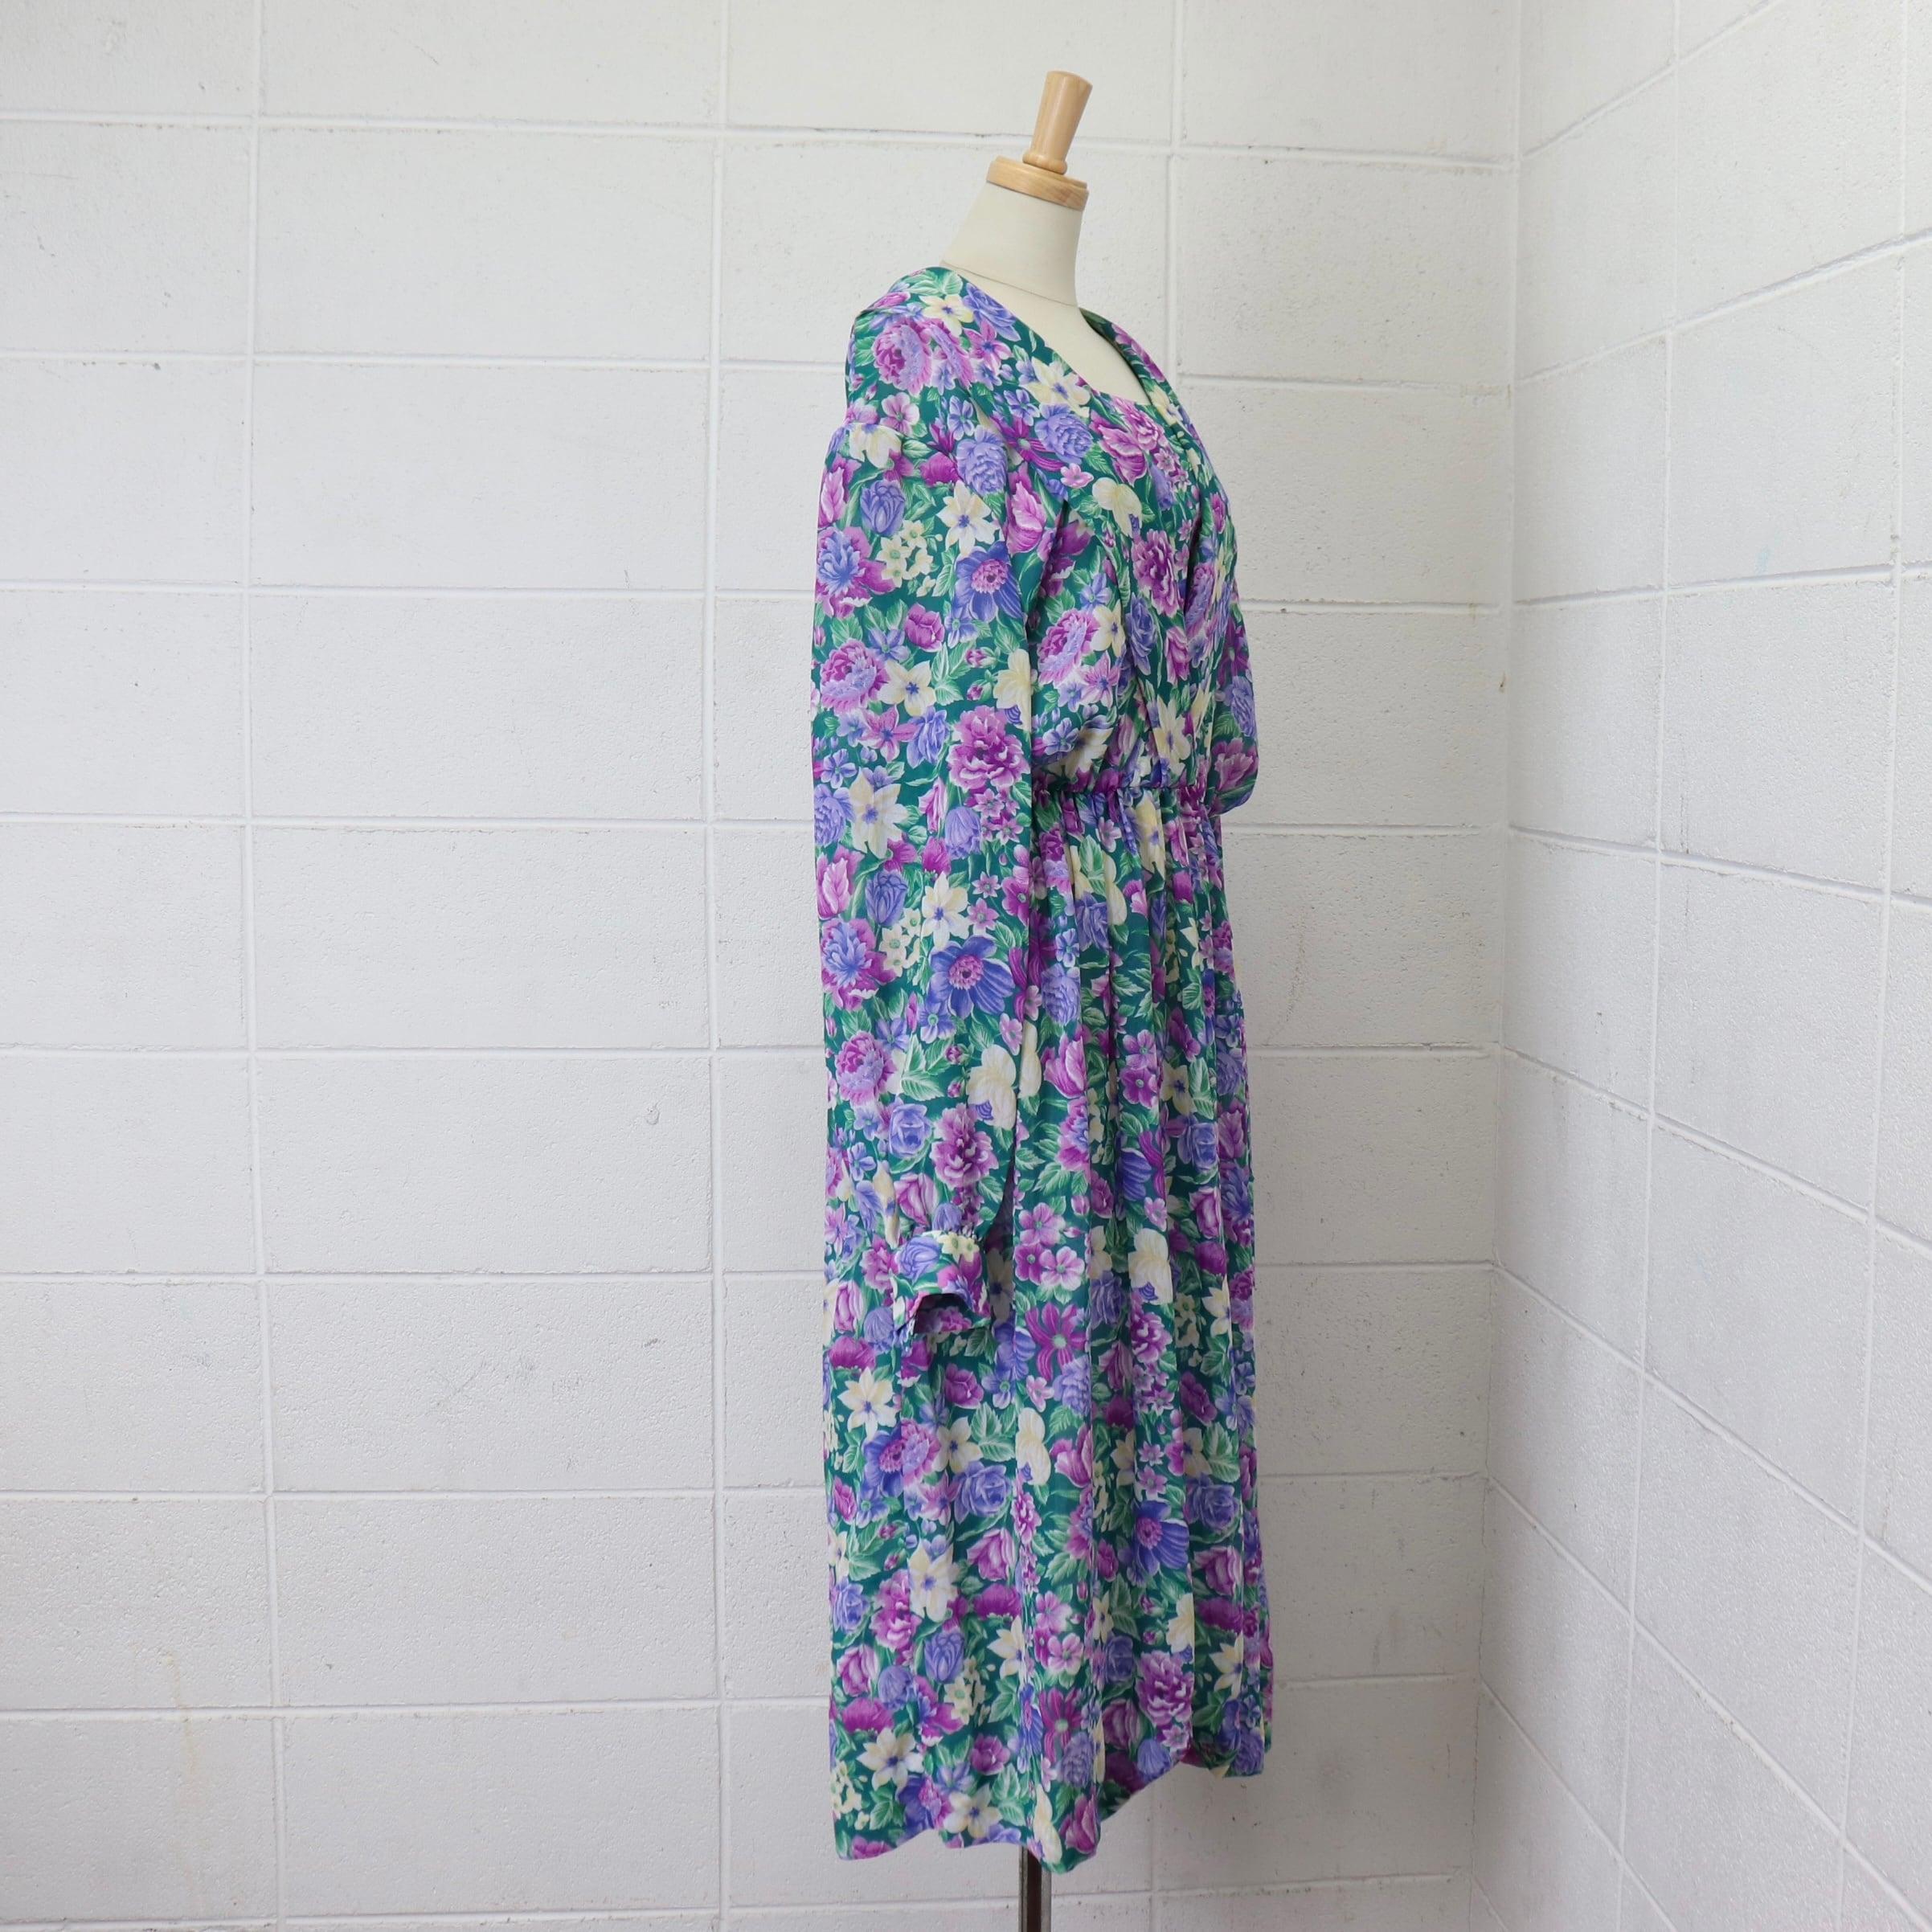 レディース 70〜80年代 ヴィンテージ 花柄 ワンピース  ポリエステル アメリカ古着 グリーン L 70〜80's Usa Vintage Floral pattern  Dress